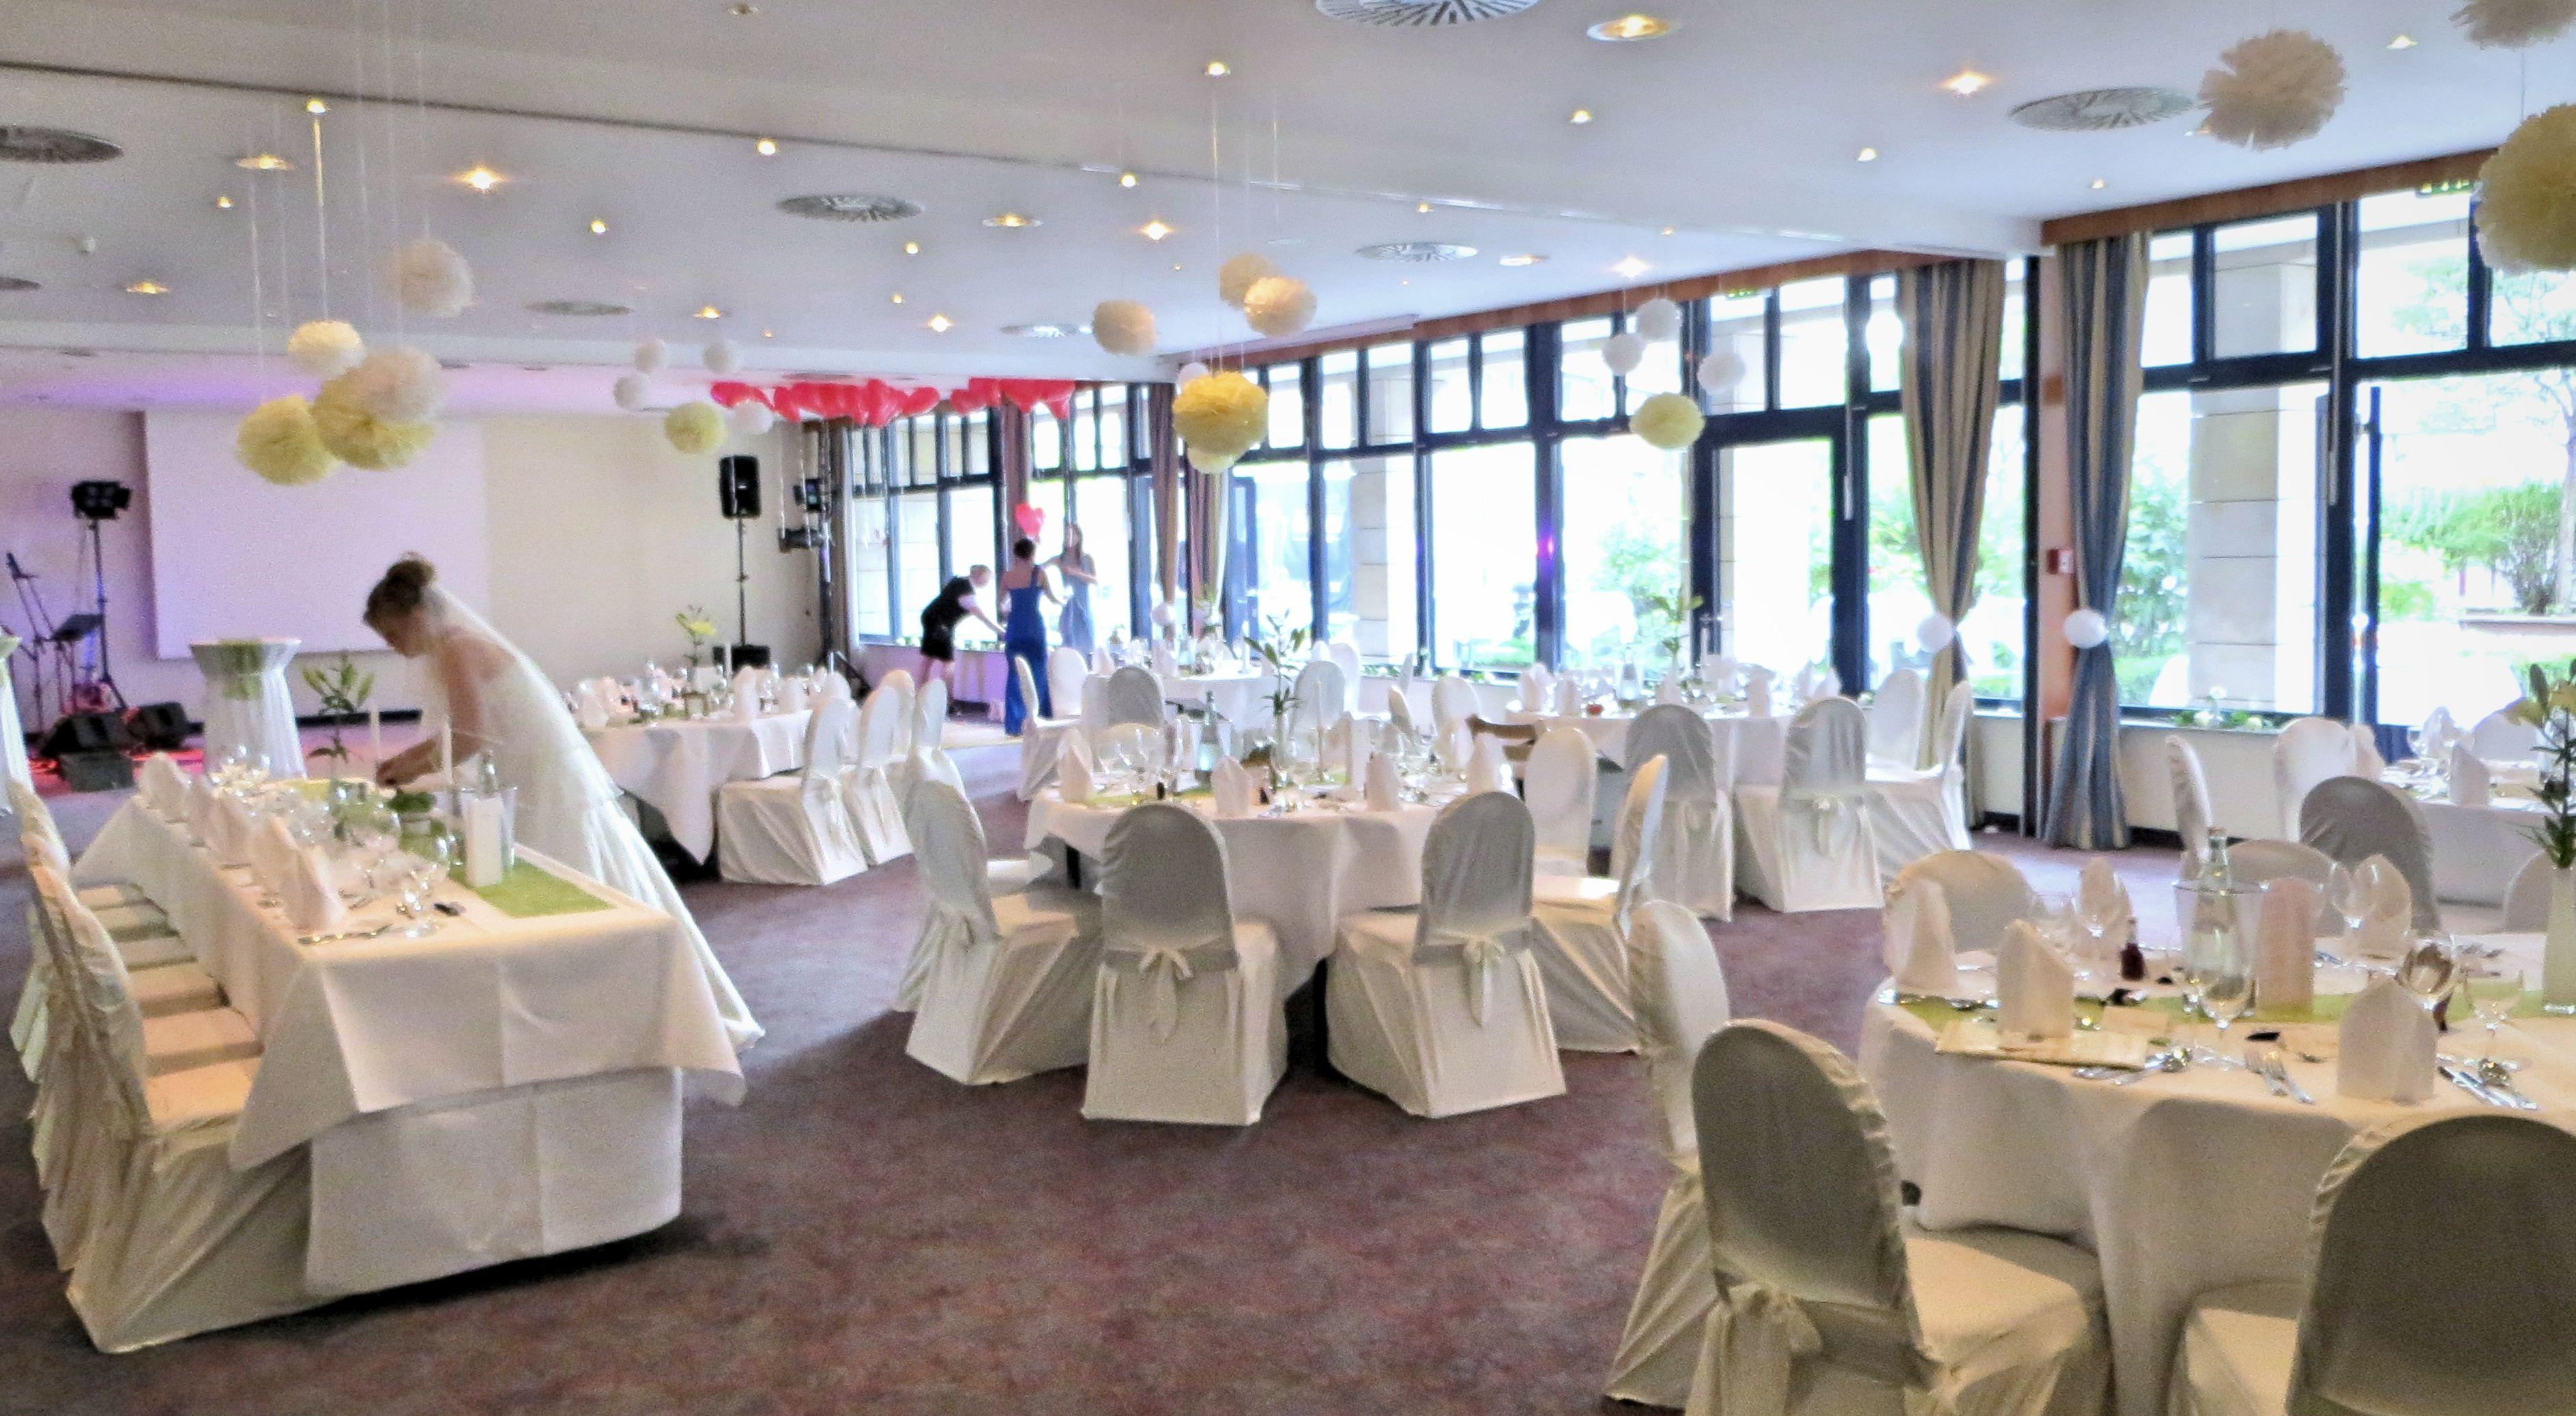 Hochzeit in Räumen Goslar Bodetal Deko weiß Ballons